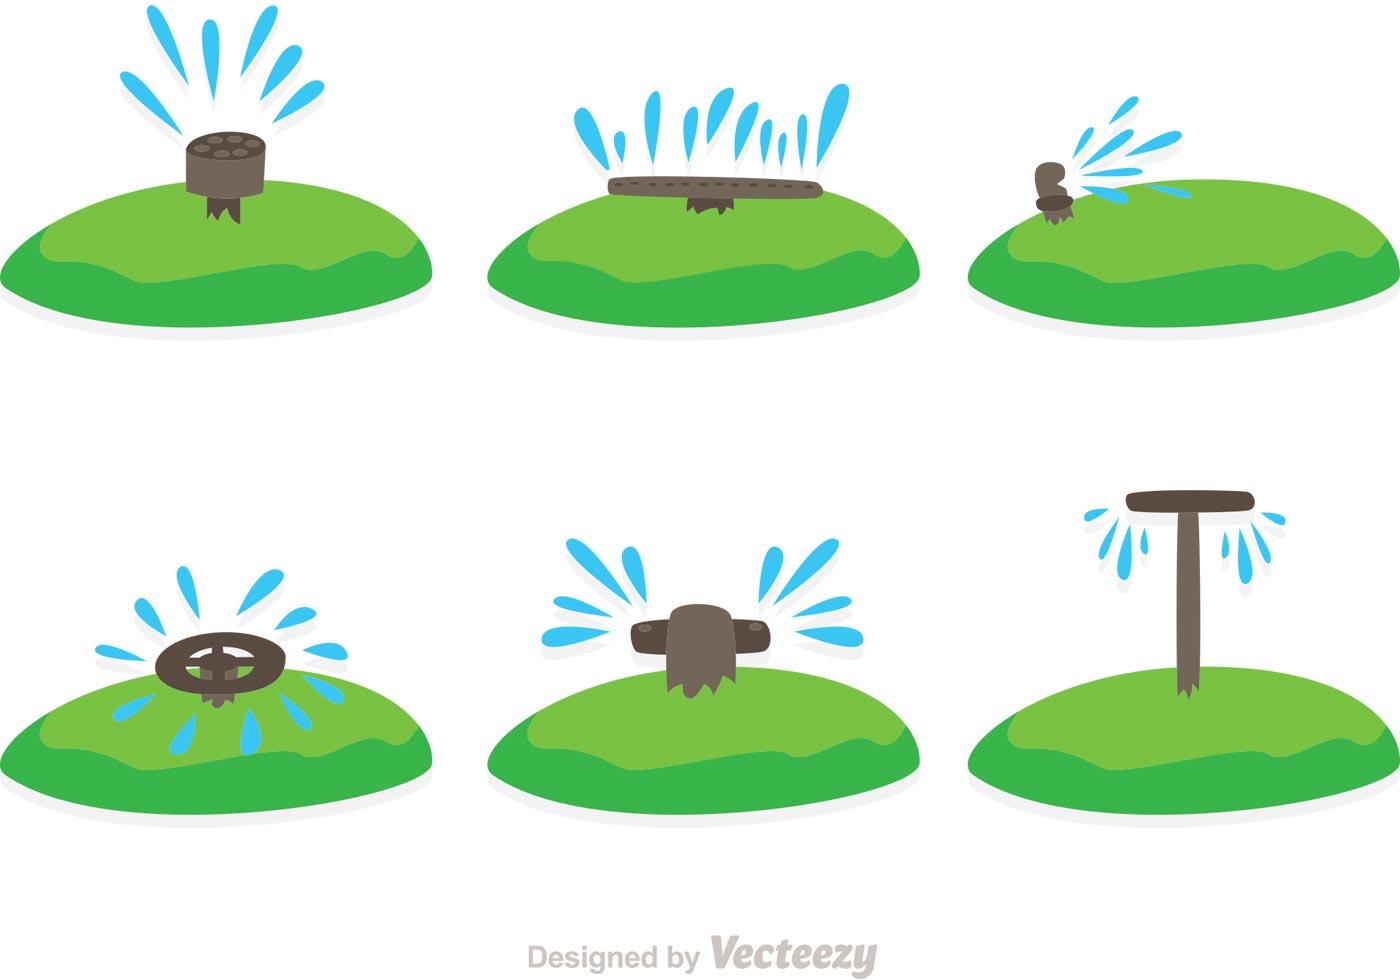 Water sprinkler vectors download free vector art stock